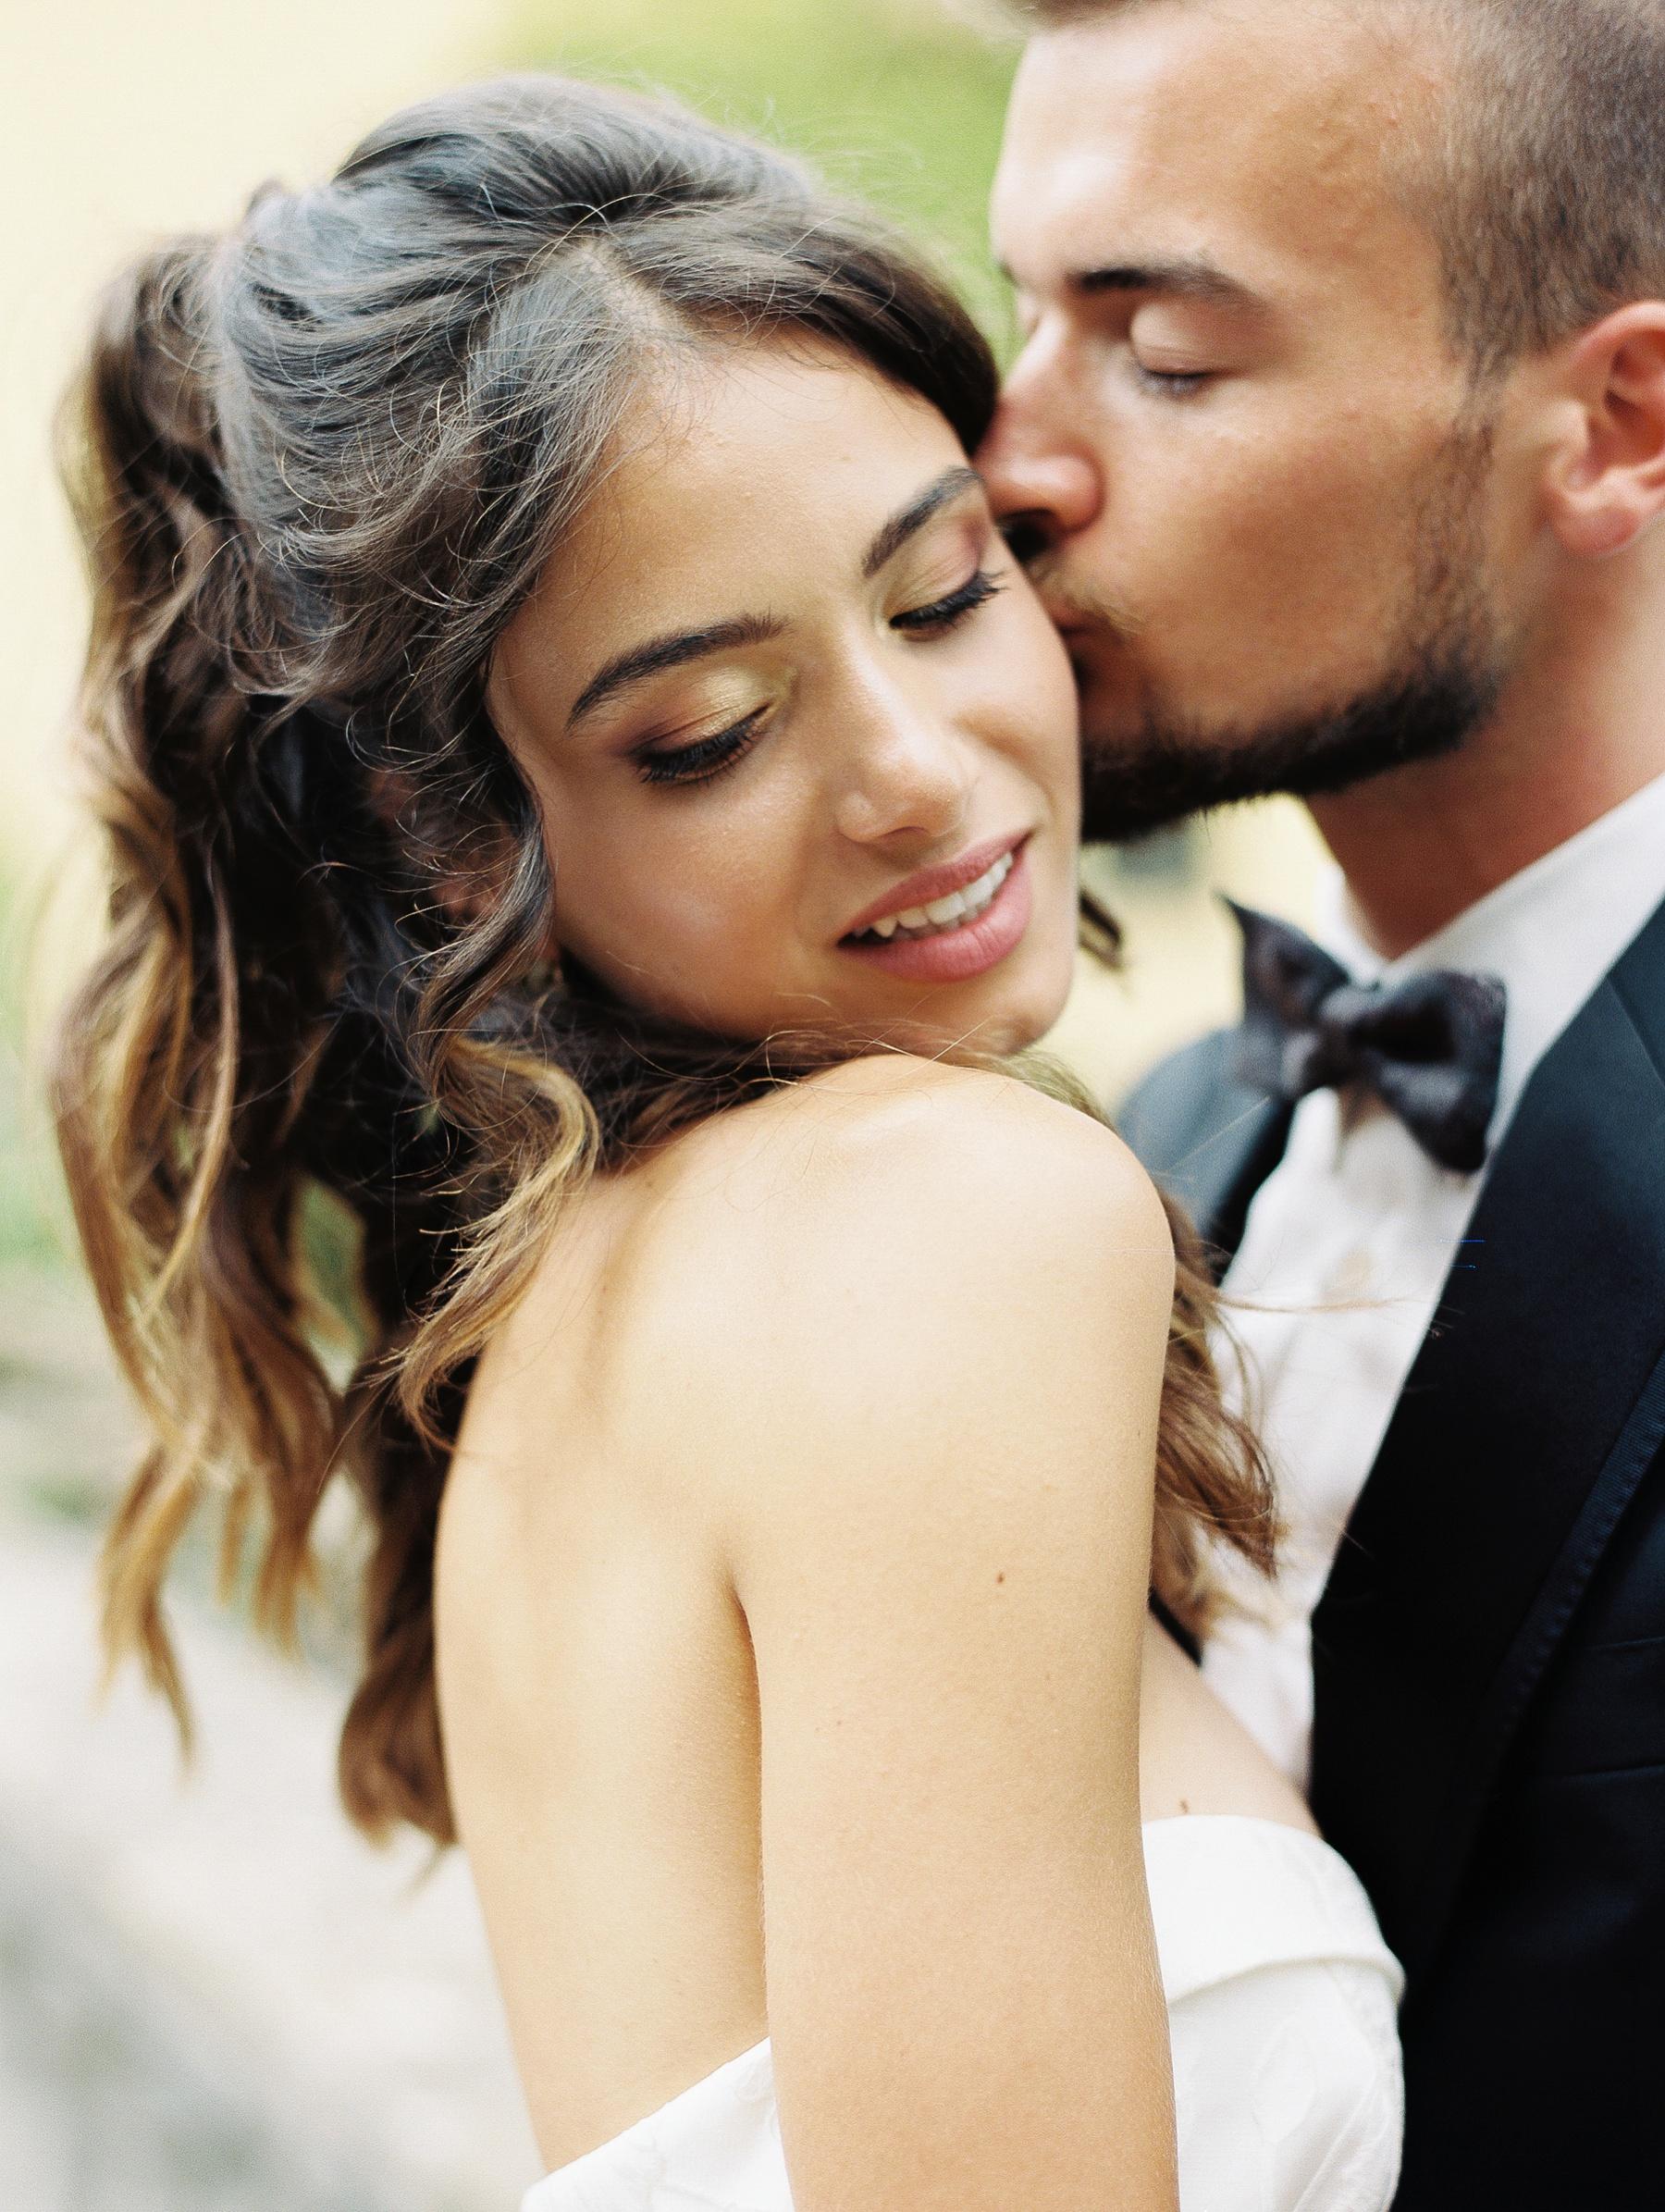 Il Borro Tuscany Italy Wedding Photographer_0823.jpg